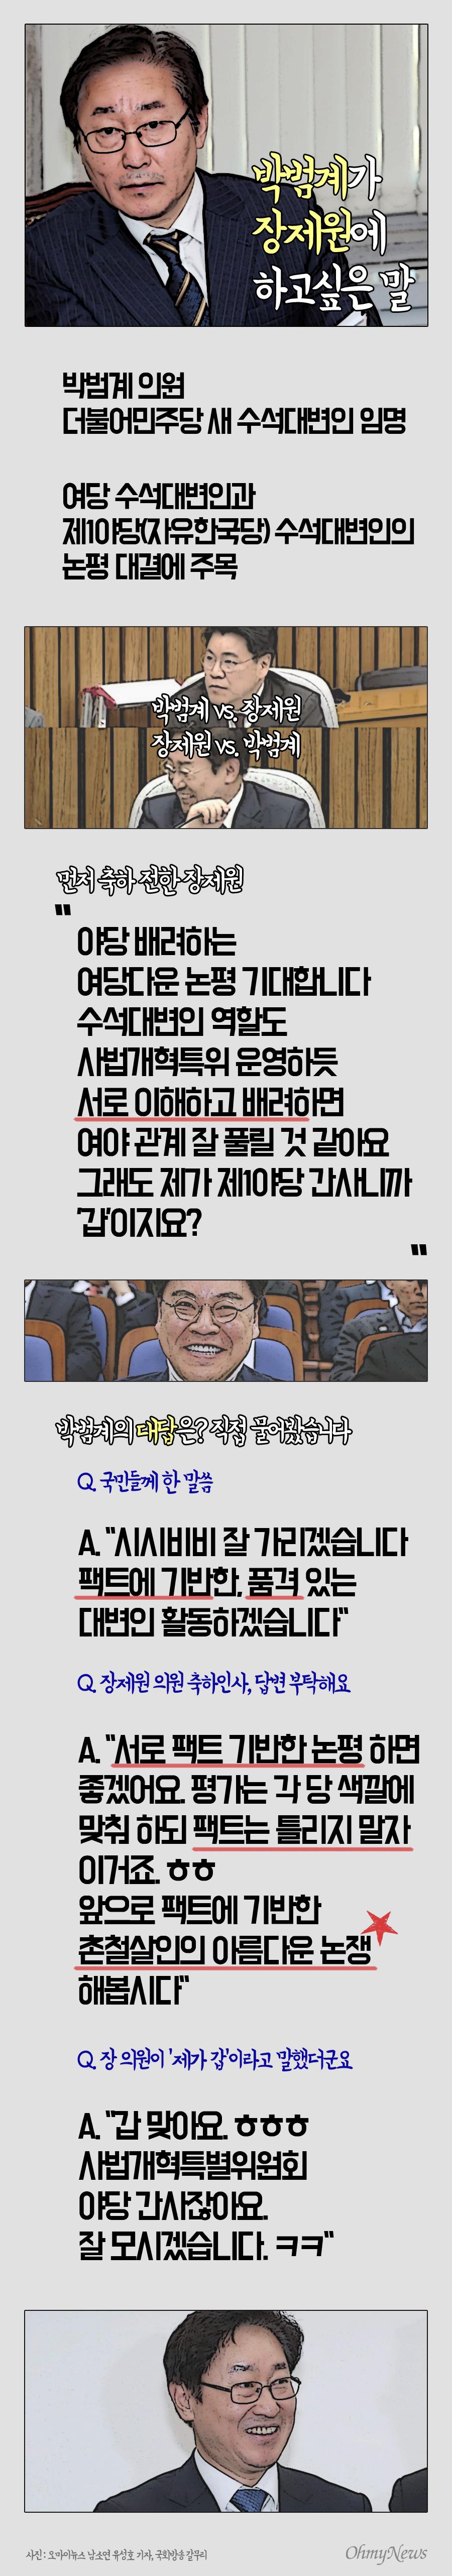 """박범계가 장제원에게 하고 싶은 말은? """"팩트로 논쟁 붙읍시다"""""""